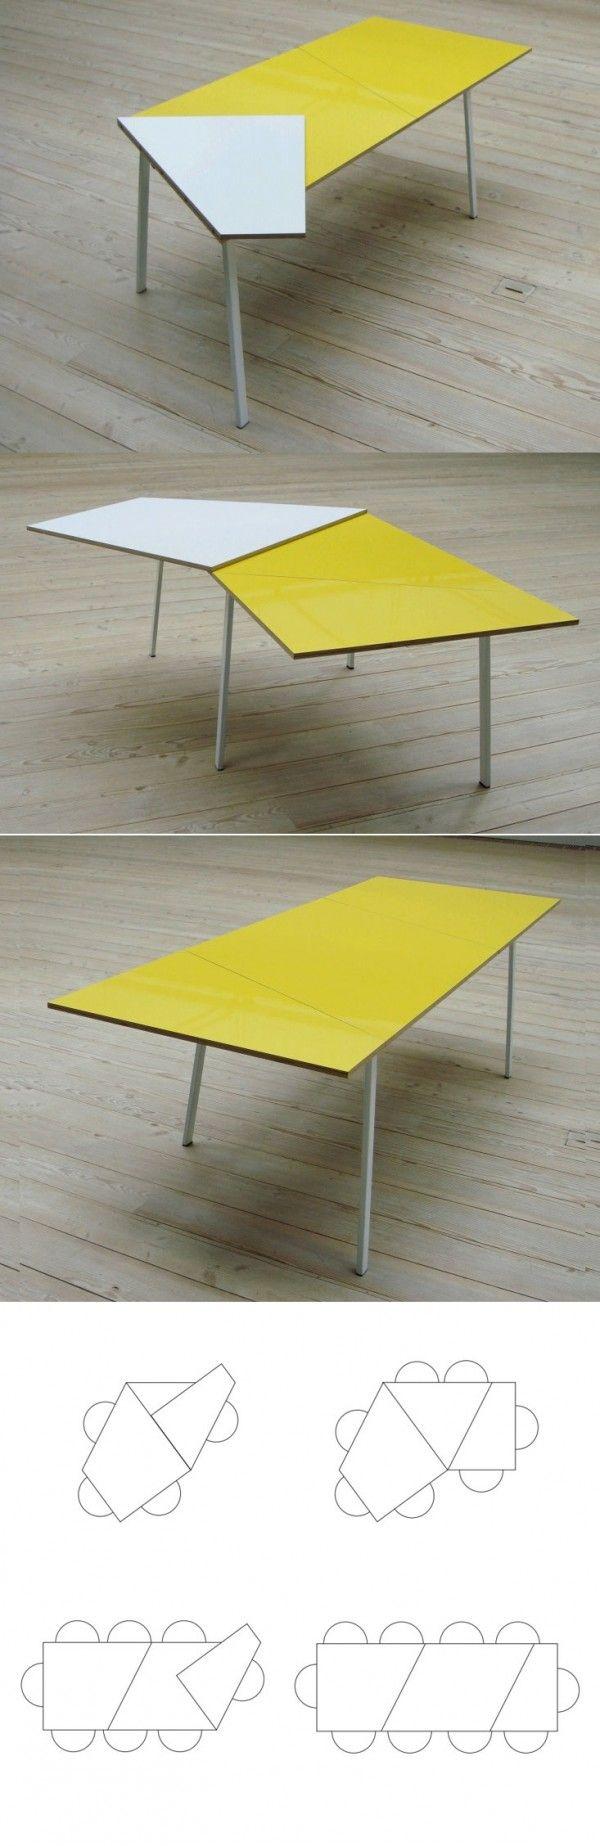 les 25 meilleures id es de la cat gorie table modulable sur pinterest table convertible d cor. Black Bedroom Furniture Sets. Home Design Ideas